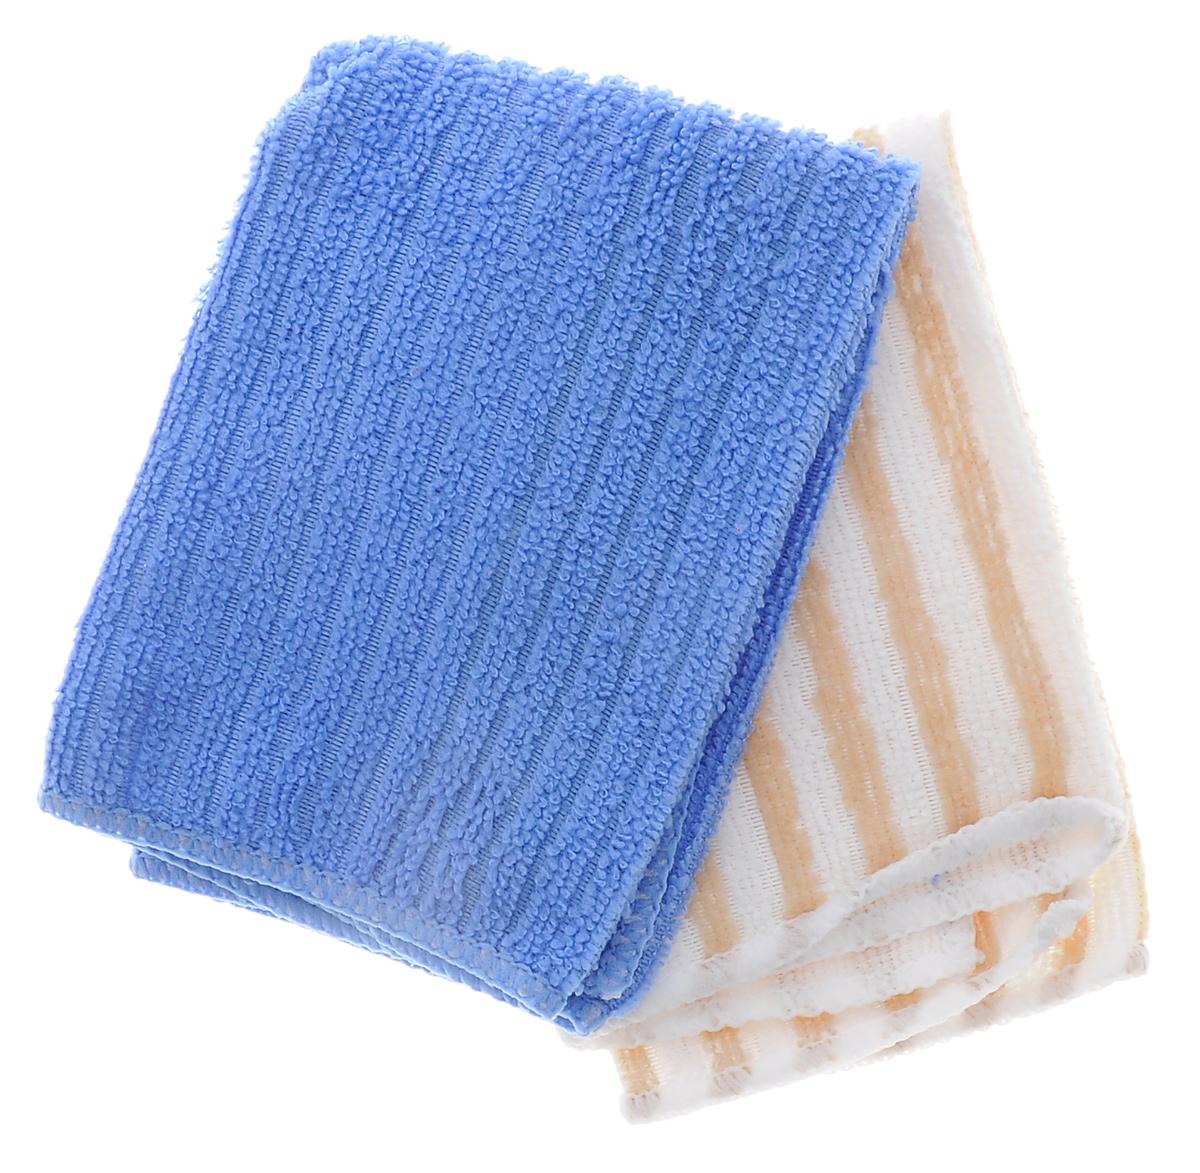 Салфетка из микрофибры Home Queen, цвет: синий, бежевый, белый, 30 х 30 см, 2 шт57048_синий, бежевыйСалфетка Home Queen изготовлена из микрофибры. Это великолепная гипоаллергенная ткань, изготовленная из тончайших полимерных микроволокон. Салфетка из микрофибры может поглощать количество пыли и влаги, в 7 раз превышающее ее собственный вес. Многочисленные поры между микроволокнами, благодаря капиллярному эффекту, мгновенно впитывают воду, подобно губке. Благодаря мелким порам микроволокна, любые капельки, остающиеся на чистящей поверхности очень быстро испаряются и остается чистая дорожка без полос и разводов. В сухом виде при вытирании поверхности волокна микрофибры электризуются и притягивают к себе микробов, мельчайшие частицы пыли и грязи, удерживая их в своих микропорах. Размер салфетки: 30 см х 30 см.